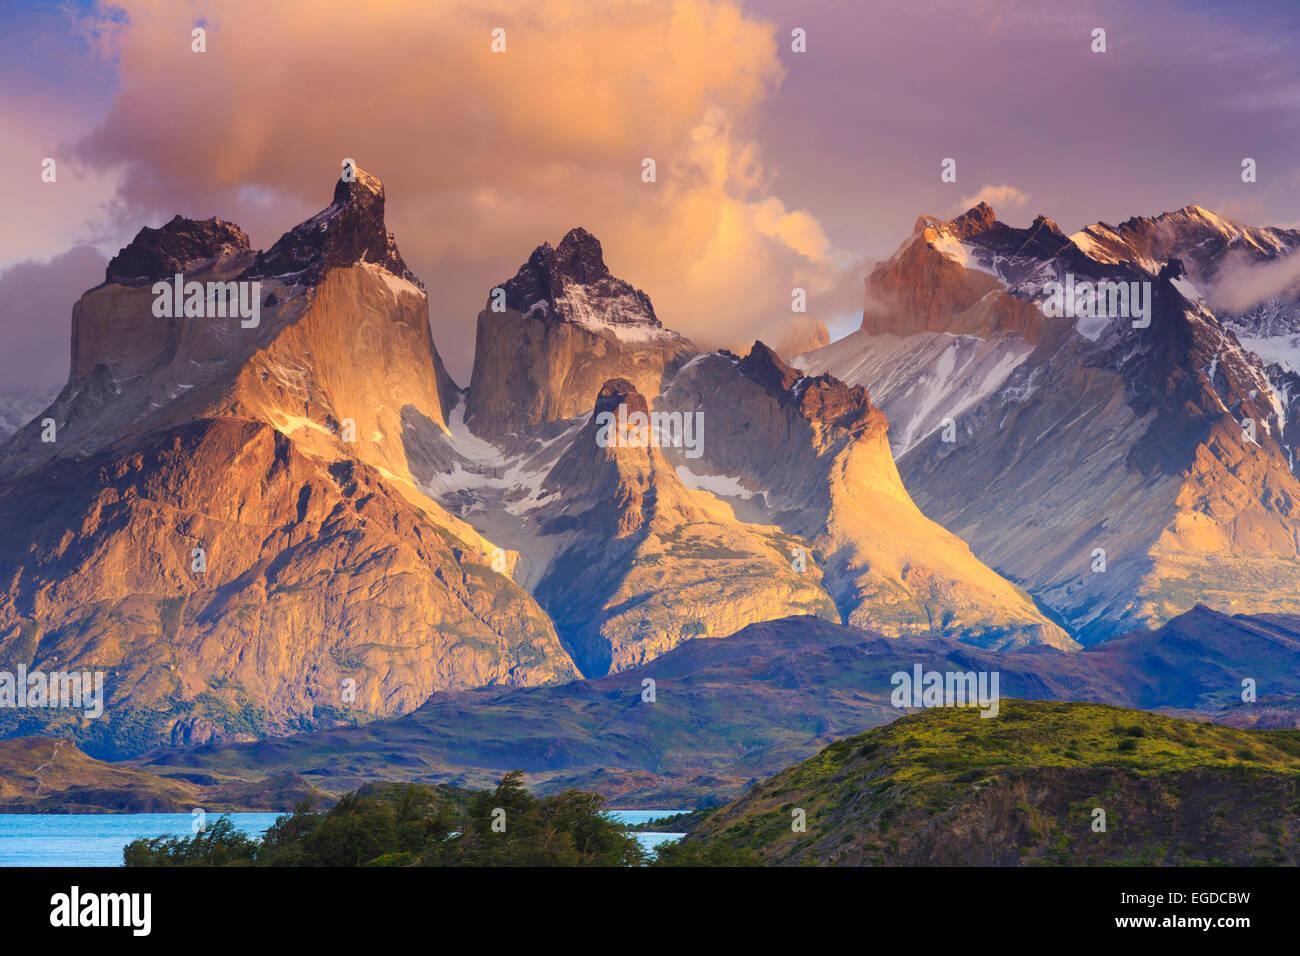 Le Chili, la Patagonie, le Parc National Torres del Paine (UNESCO Site), le lac de Peohe Photo Stock